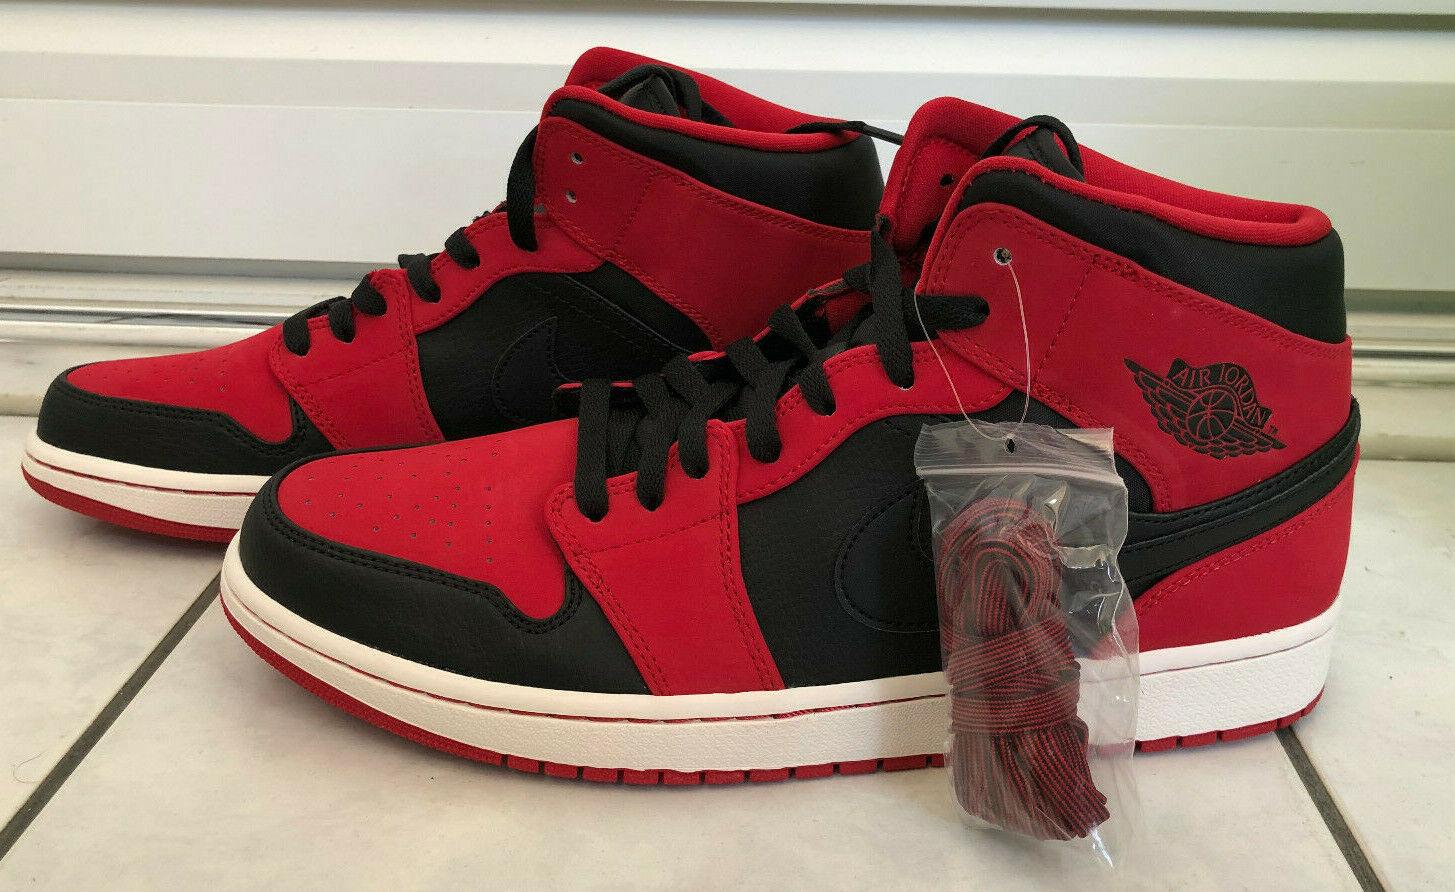 Nike Air Jordan 1 Retro High OG nero nero nero rosso,Dimensione US 12 1c3abc